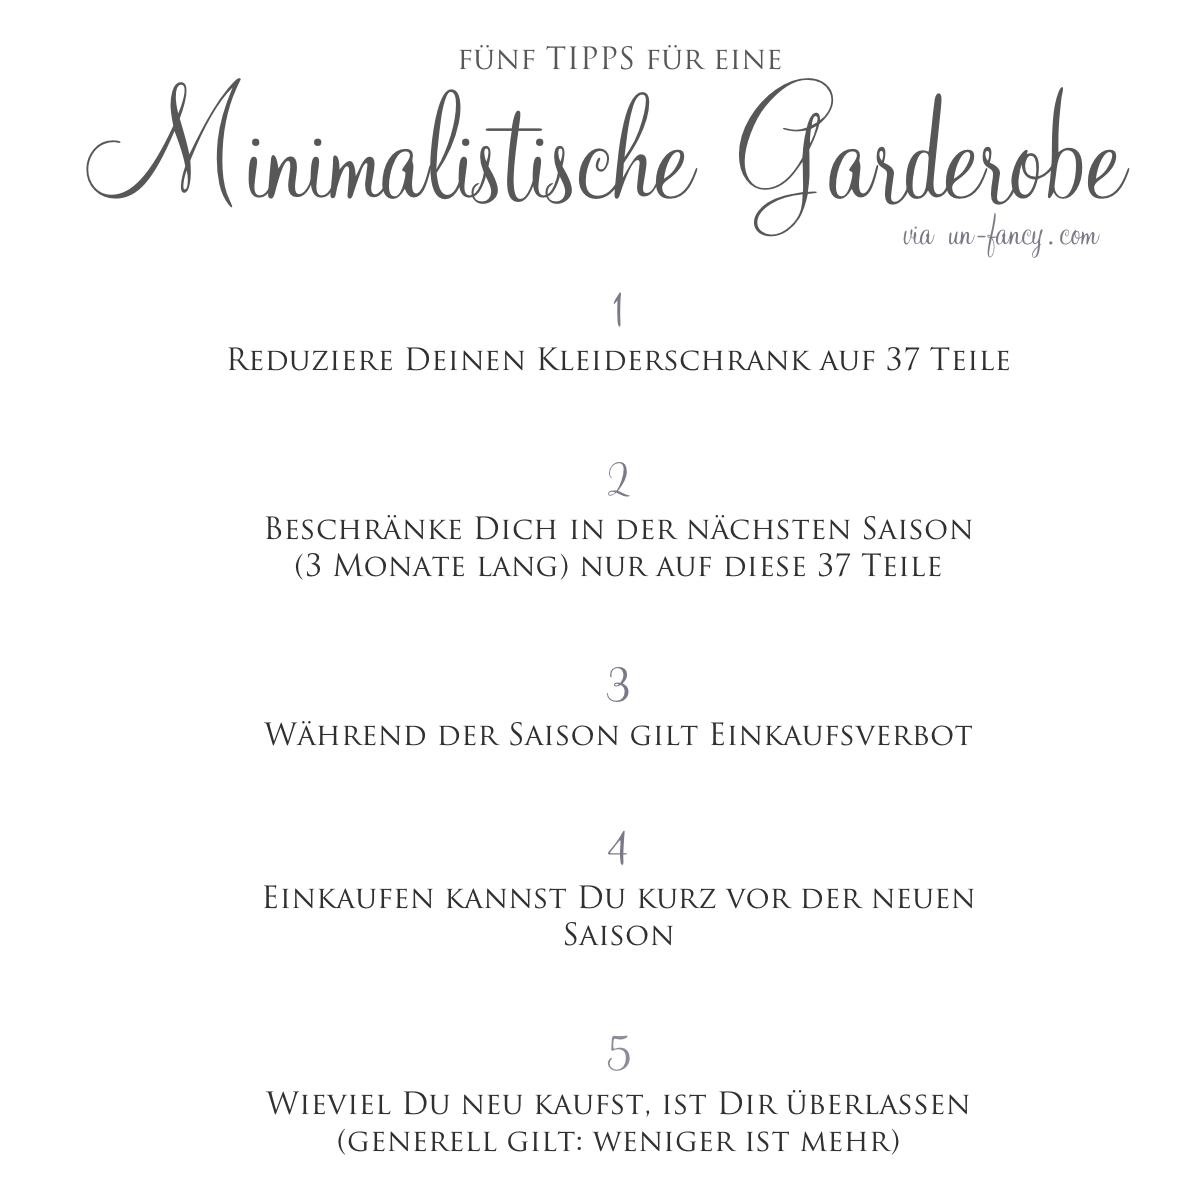 Die minimalistische garderobe julie fahrenheit for Minimalismus blog kleidung